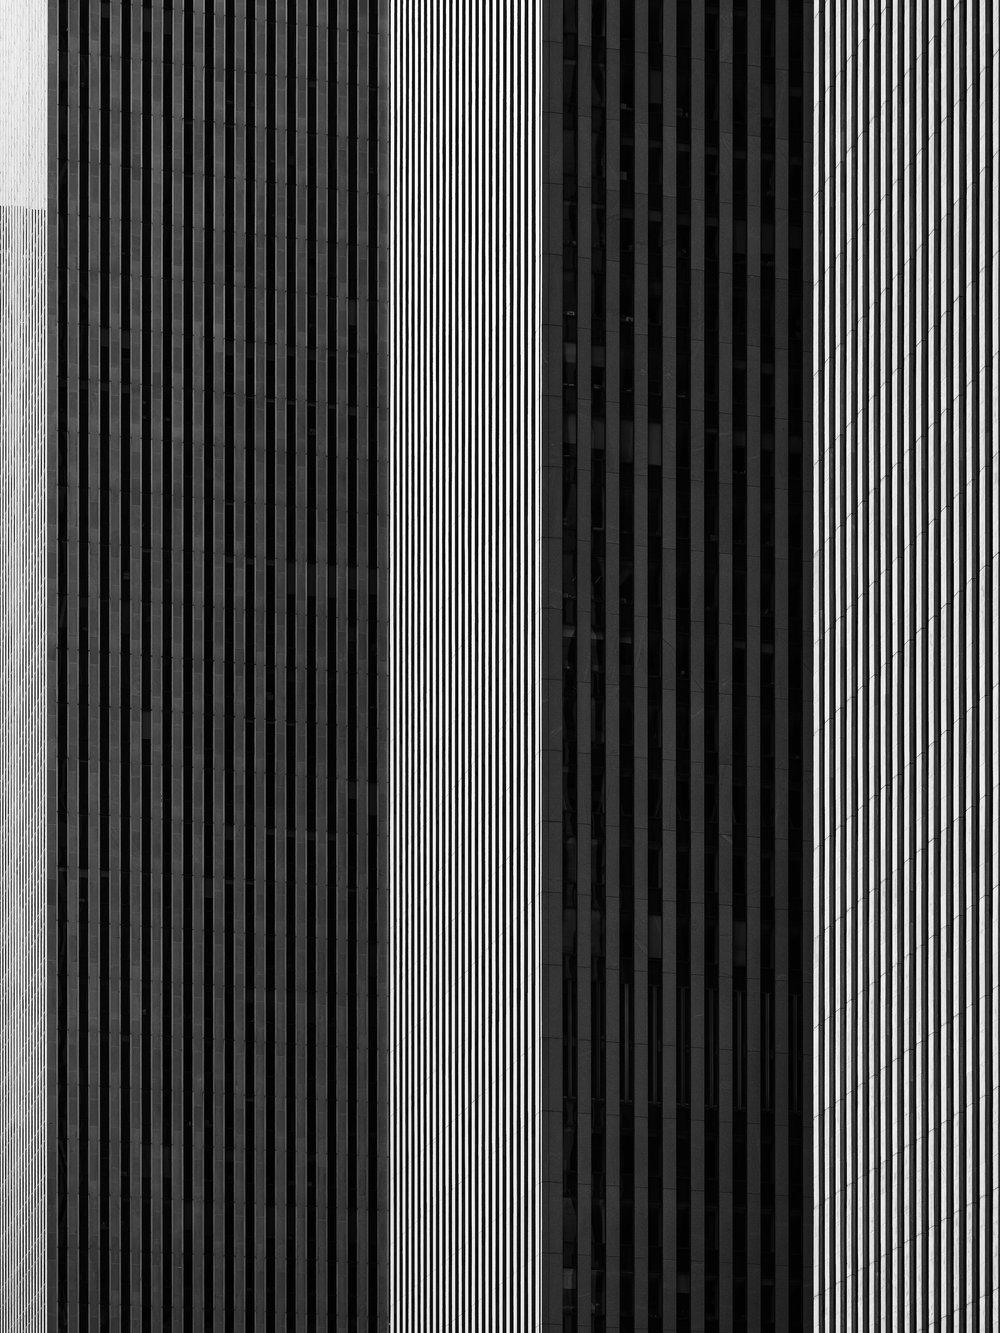 001___20170219 – 220.jpg